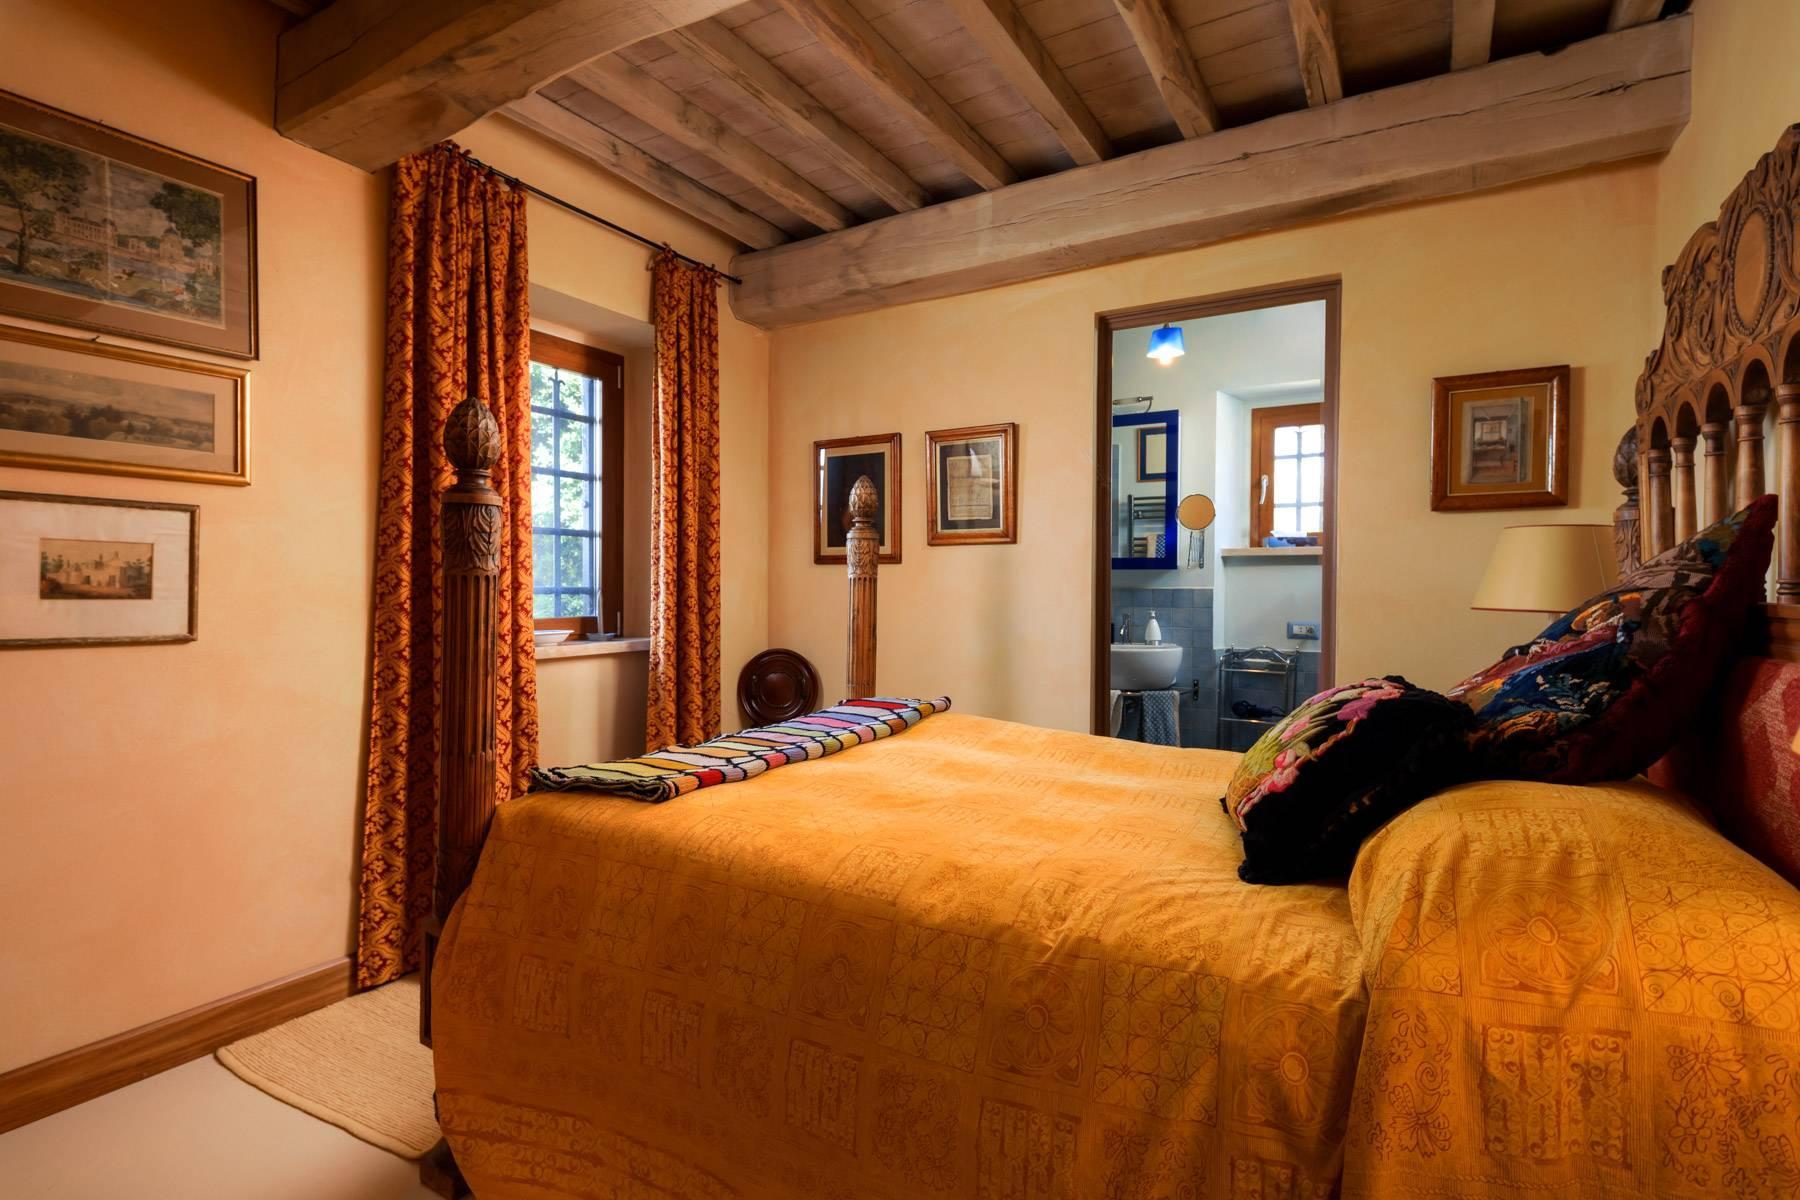 Casale di lusso con sistema geotermico a Città della Pieve - 25